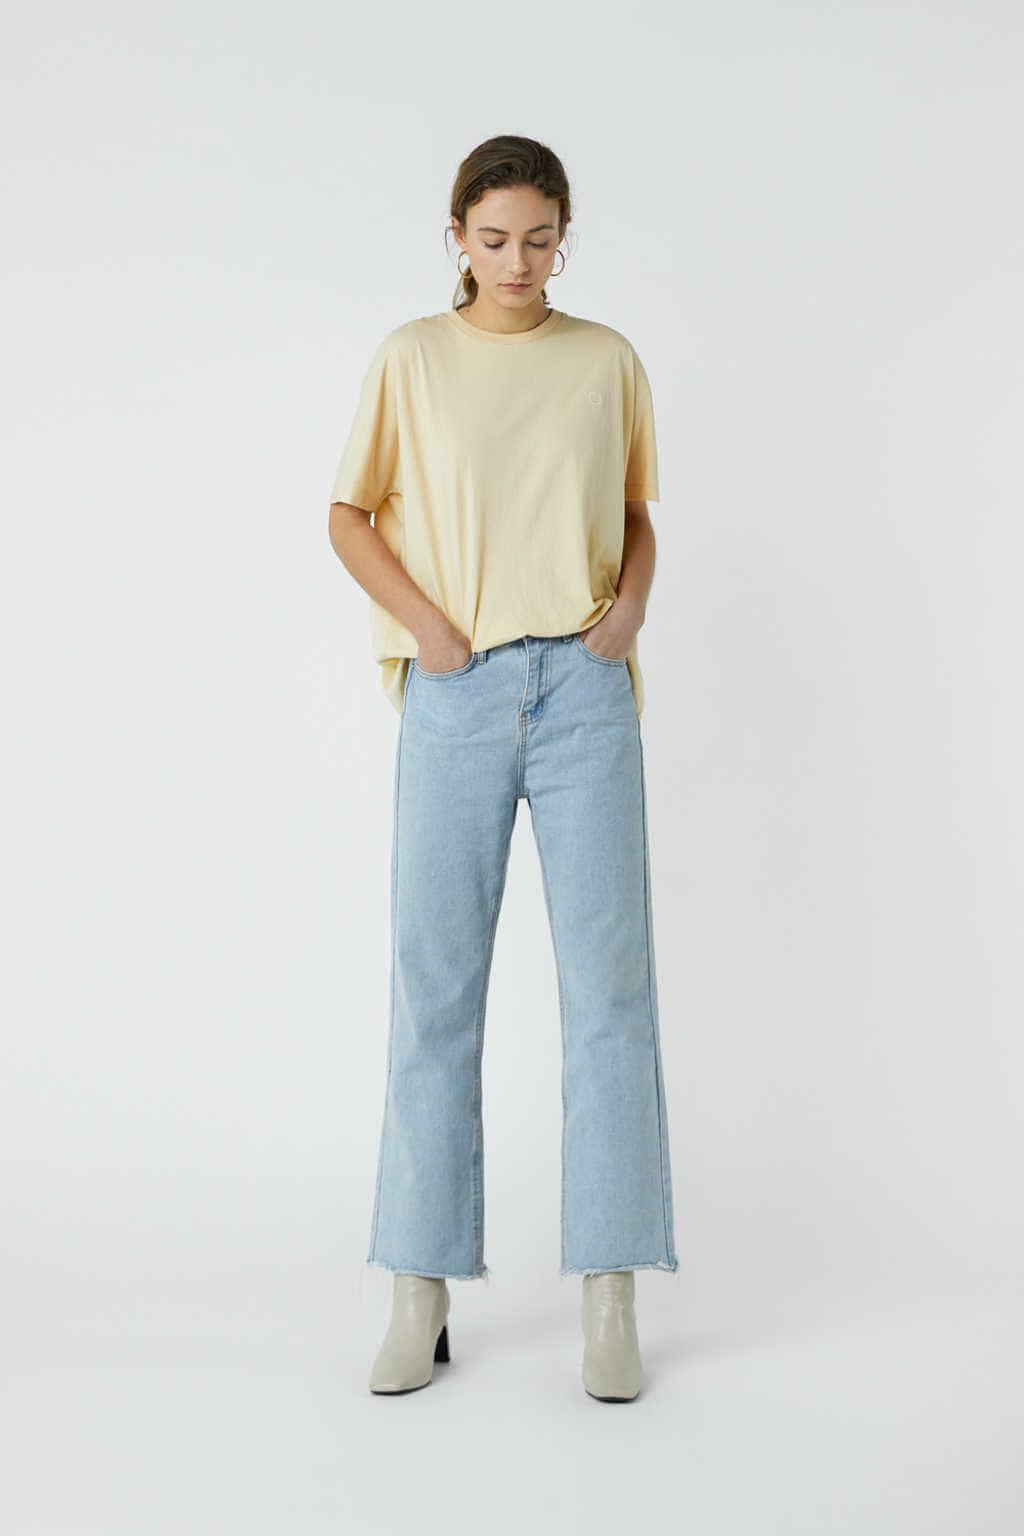 TShirt 3315 Yellow 7